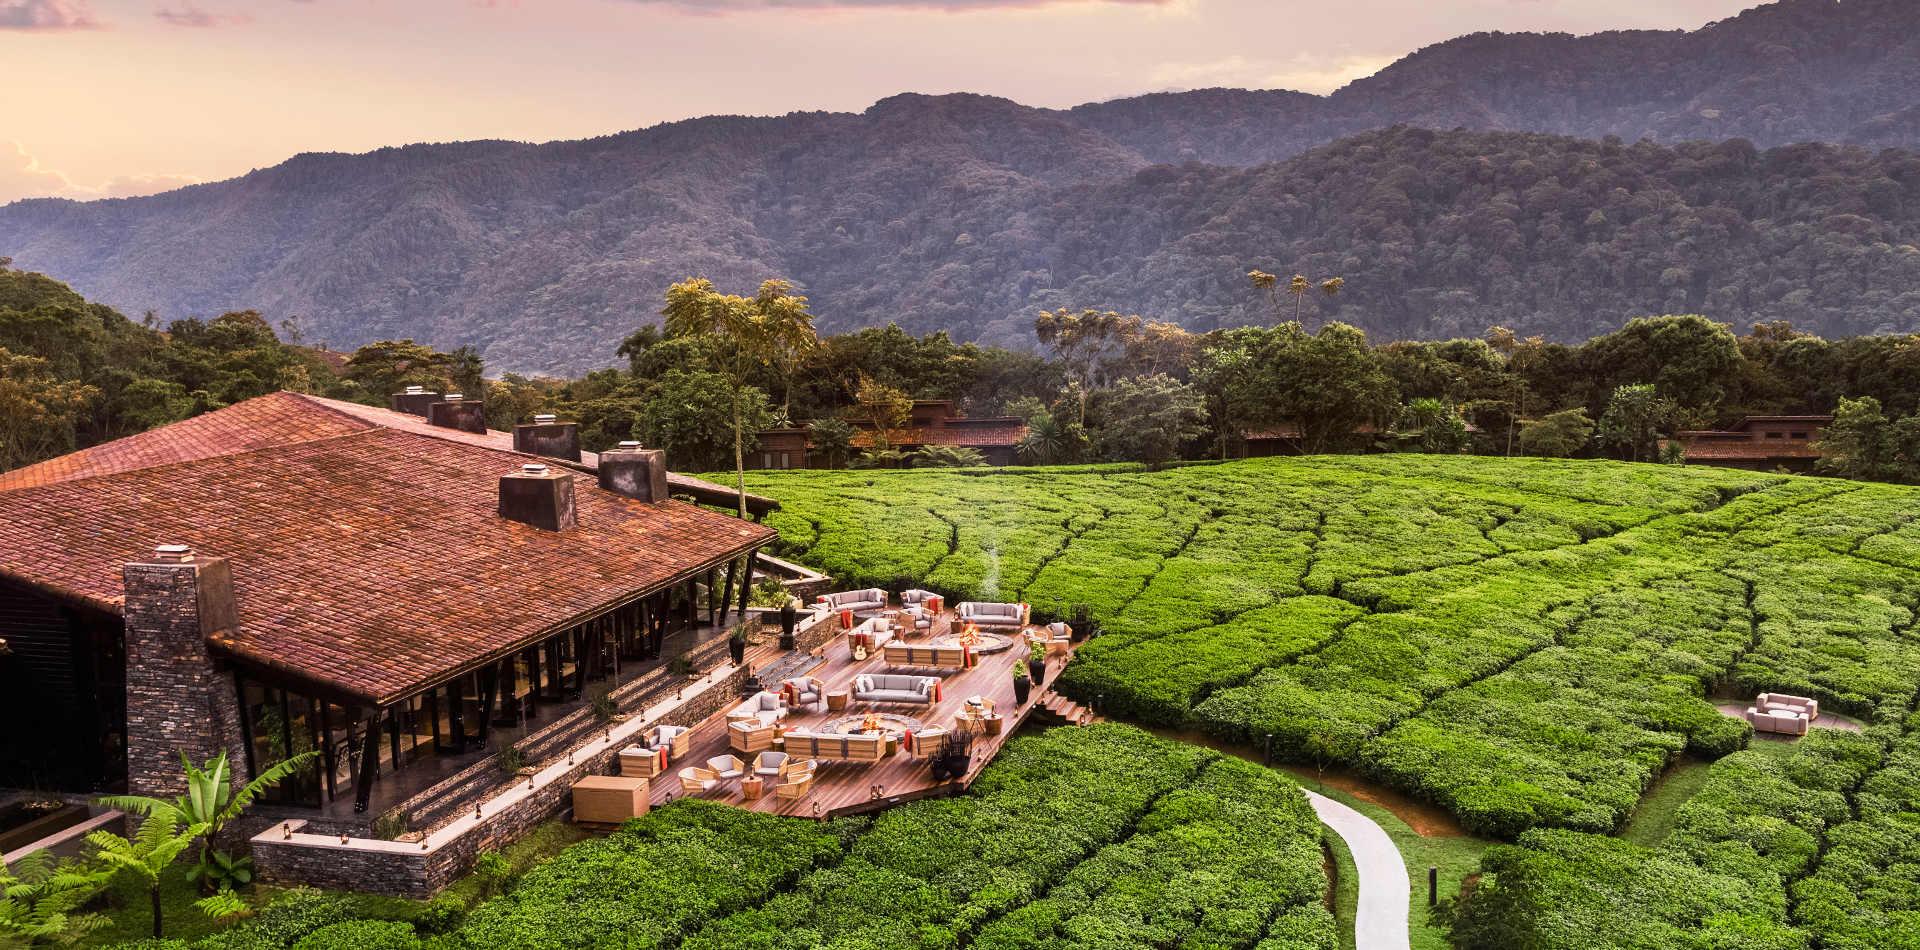 Luxusreise nach Ruanda, Luxuslodge Ruanda, Gorilla Trekking Ruanda